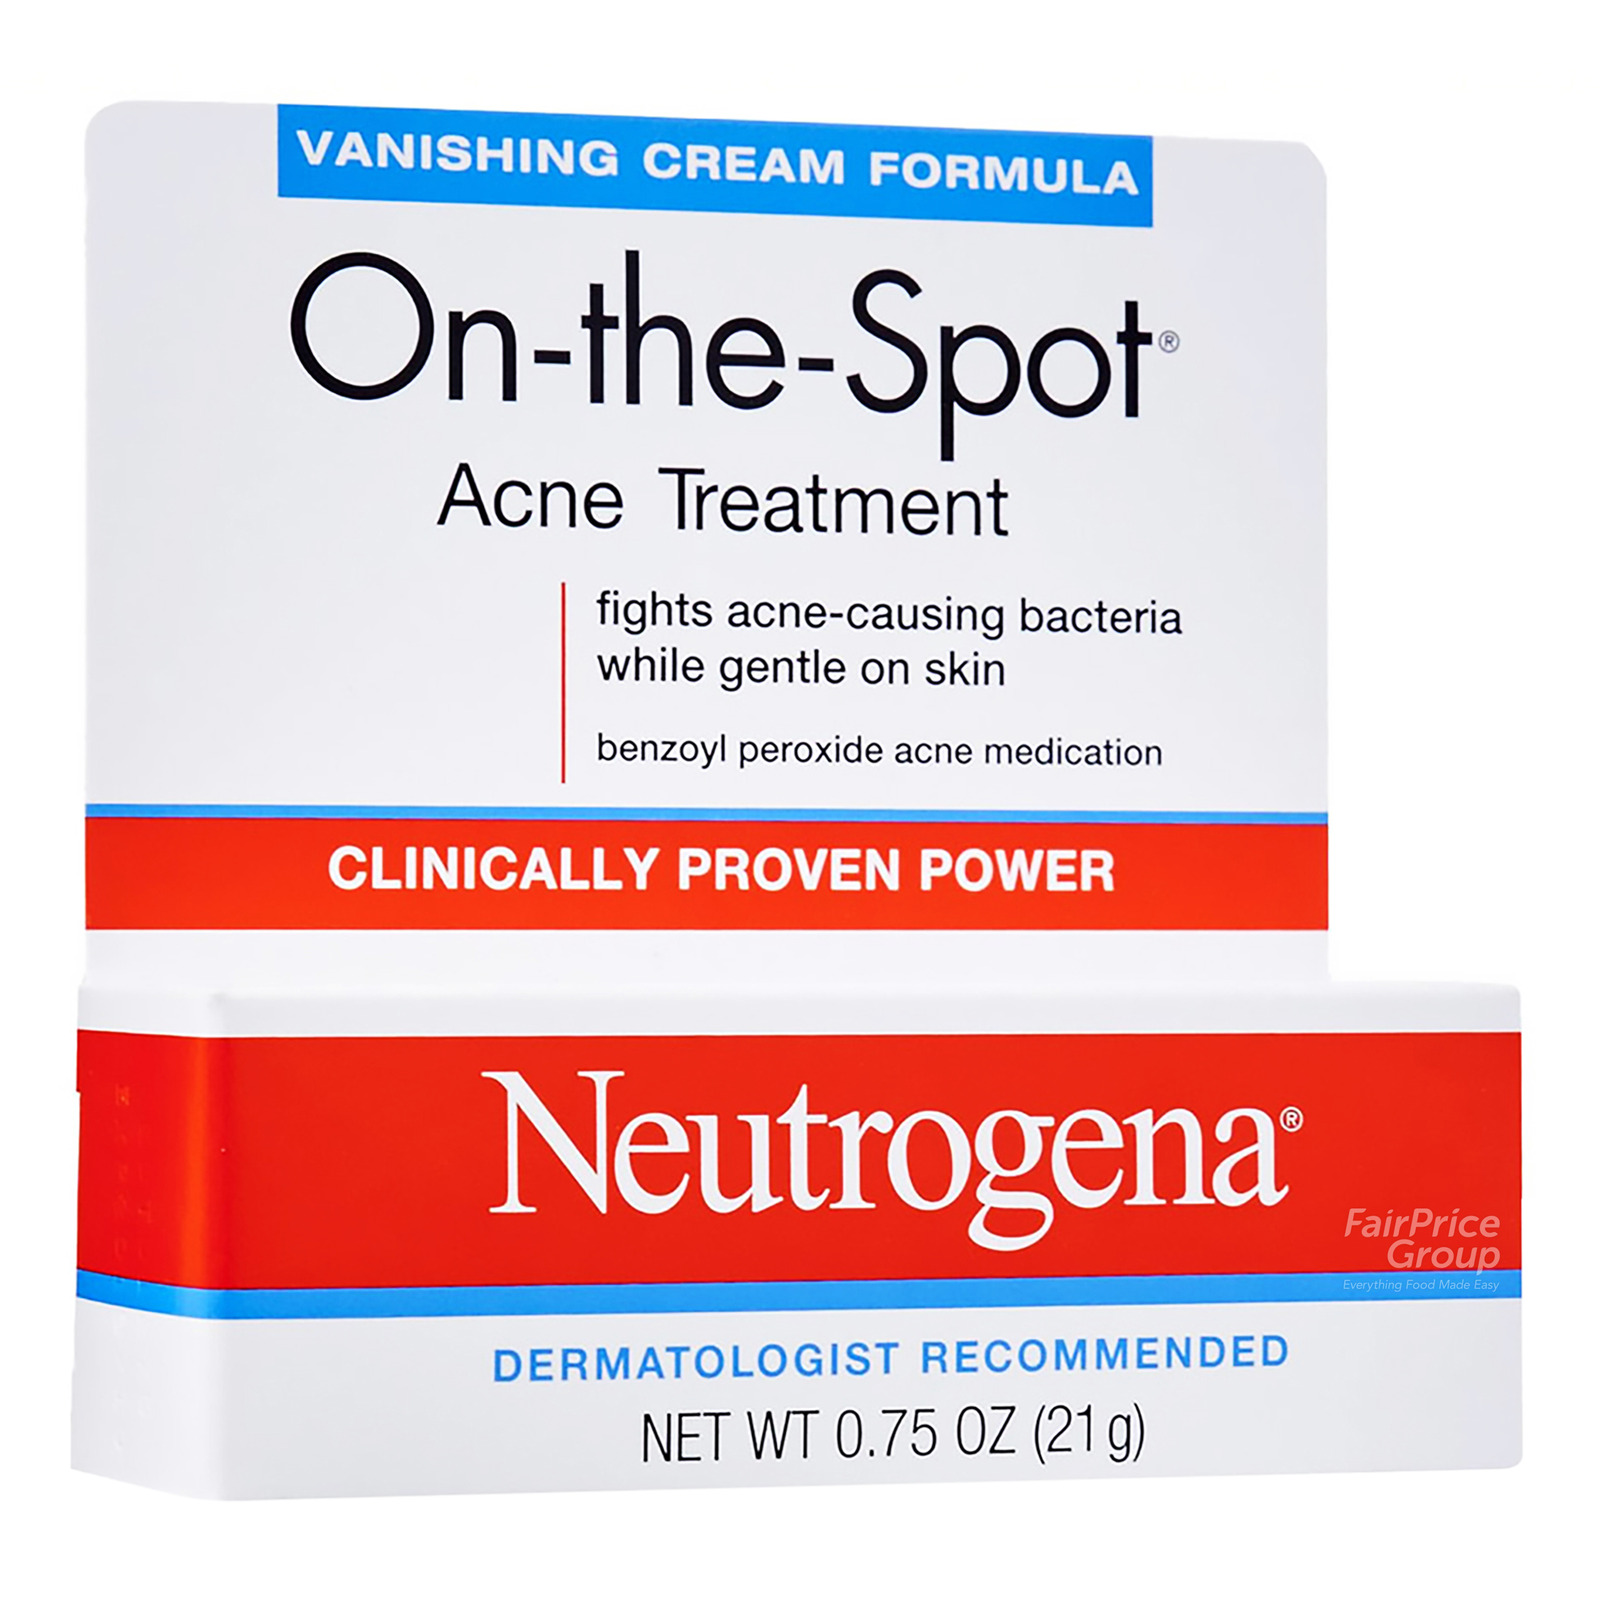 Neutrogena On-the-Spot Acne Treatment